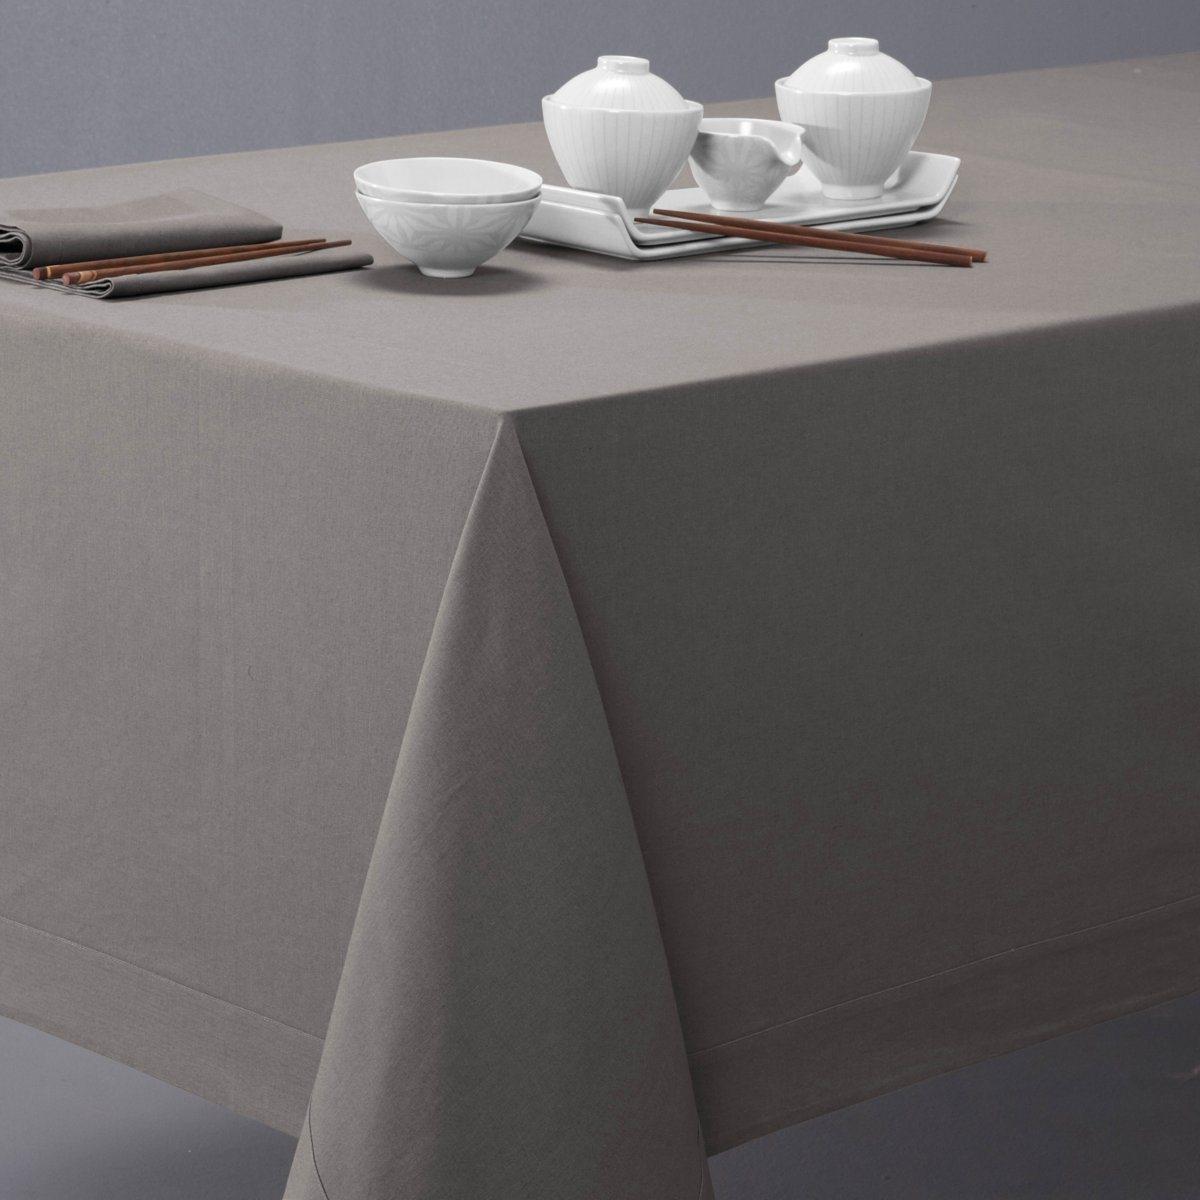 Скатерть La Redoute Из смесовой ткани BORDER прямоуг. 150x200см серый пододеяльник с рисунком из смесовой ткани ayanna